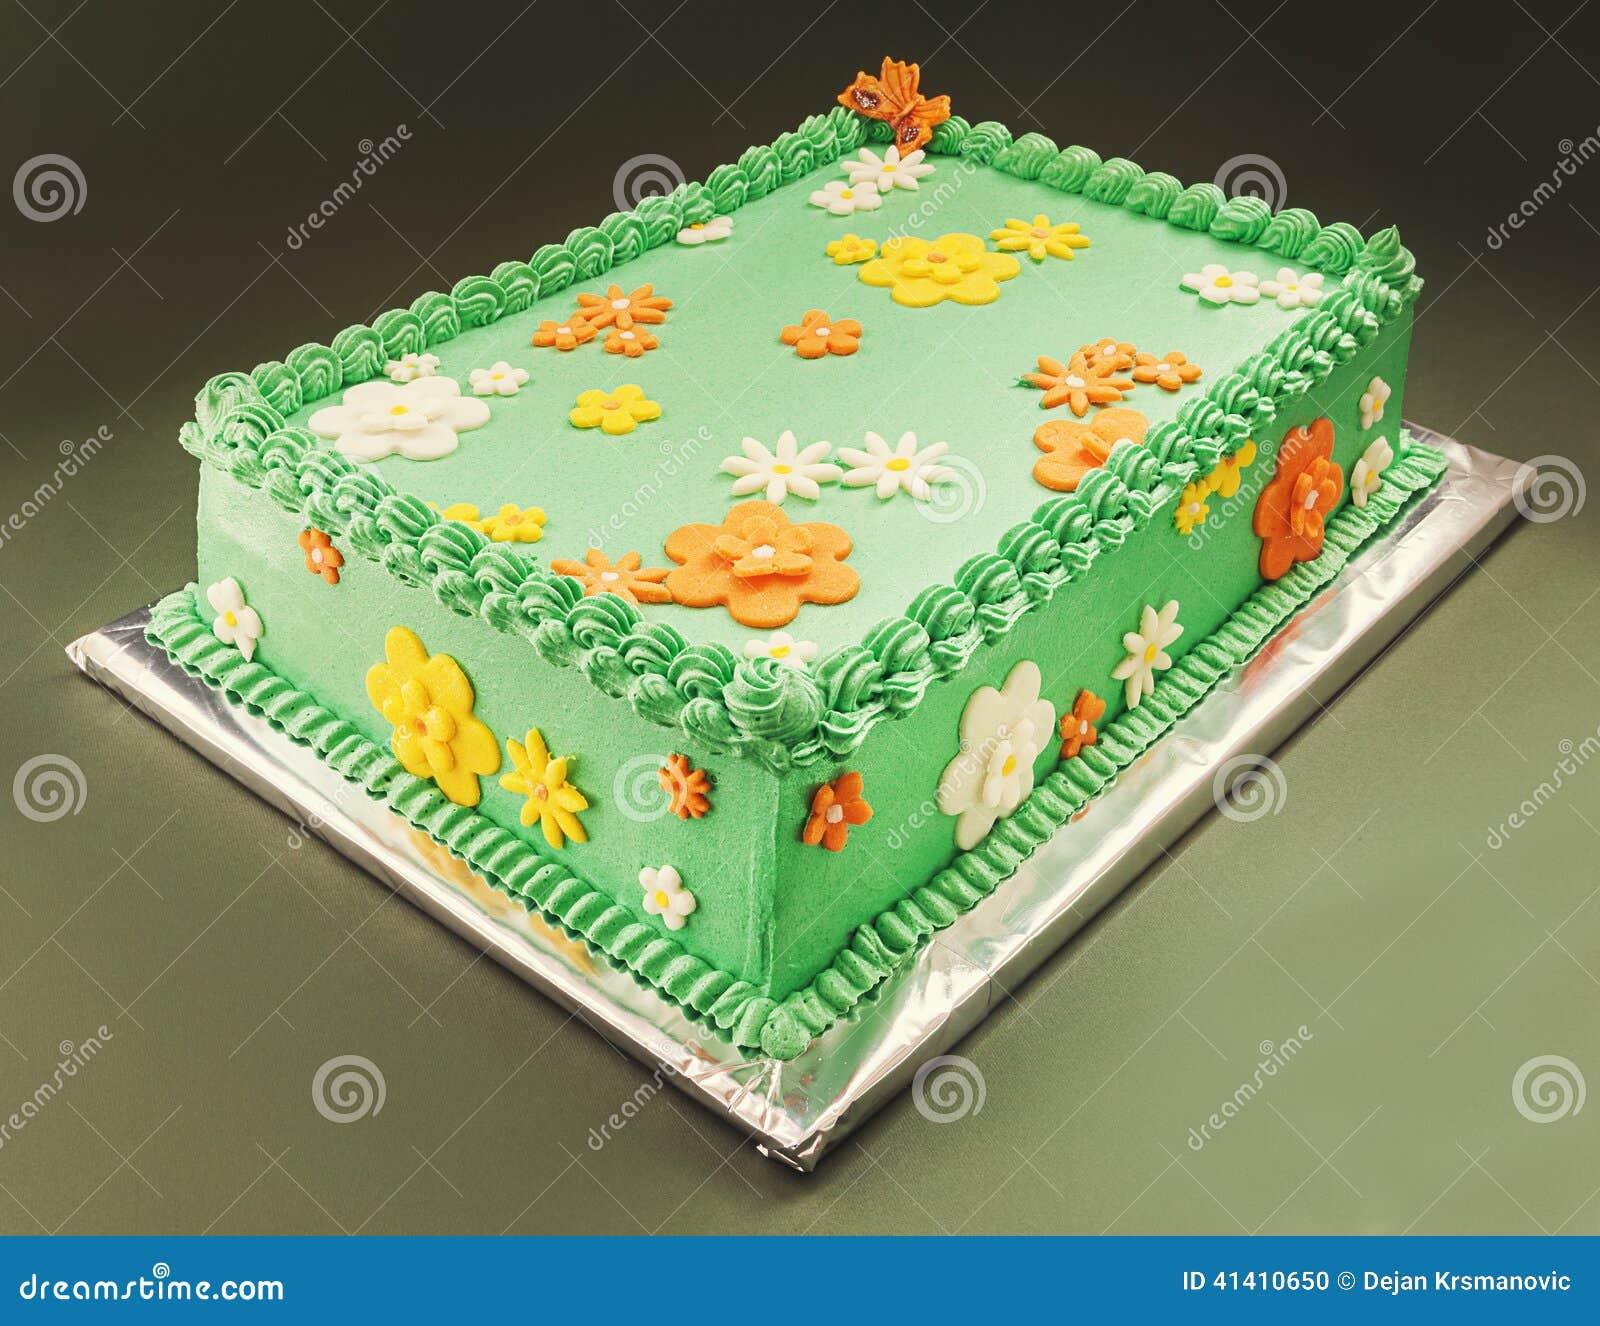 Cake Symbolizes In Birthday